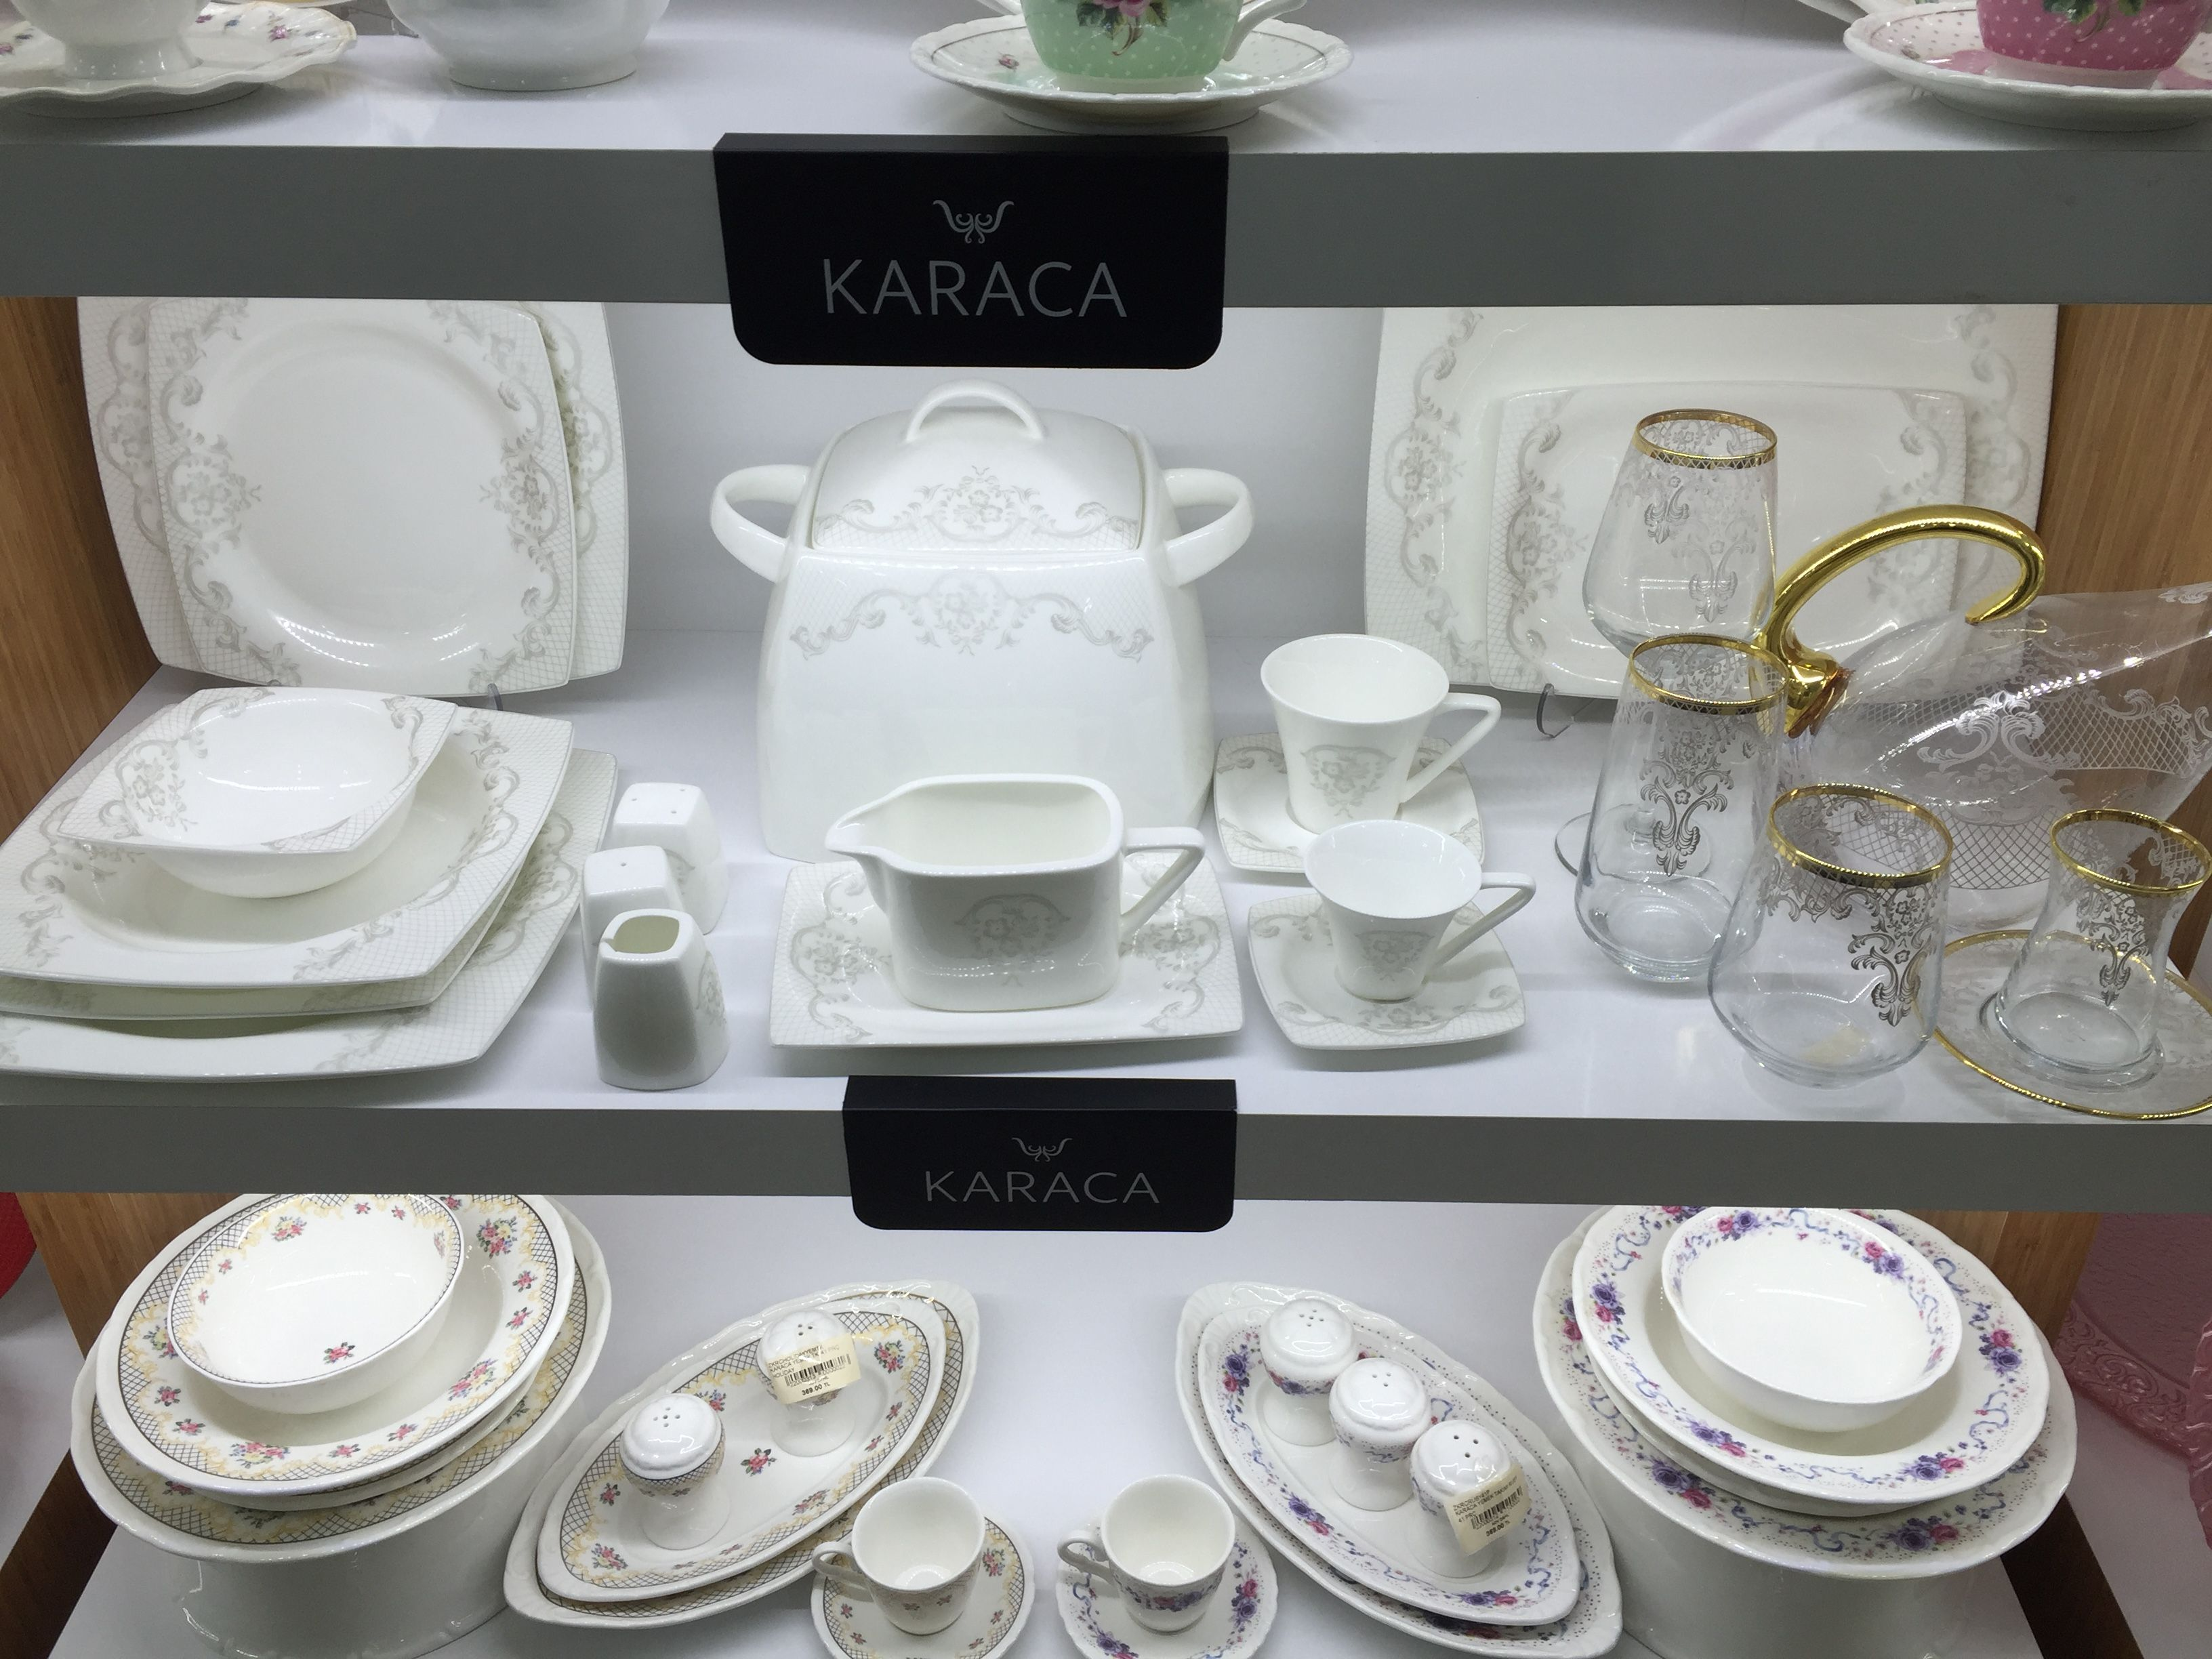 Karaca Kare Kahvaltı Takımı Modelleri 2019